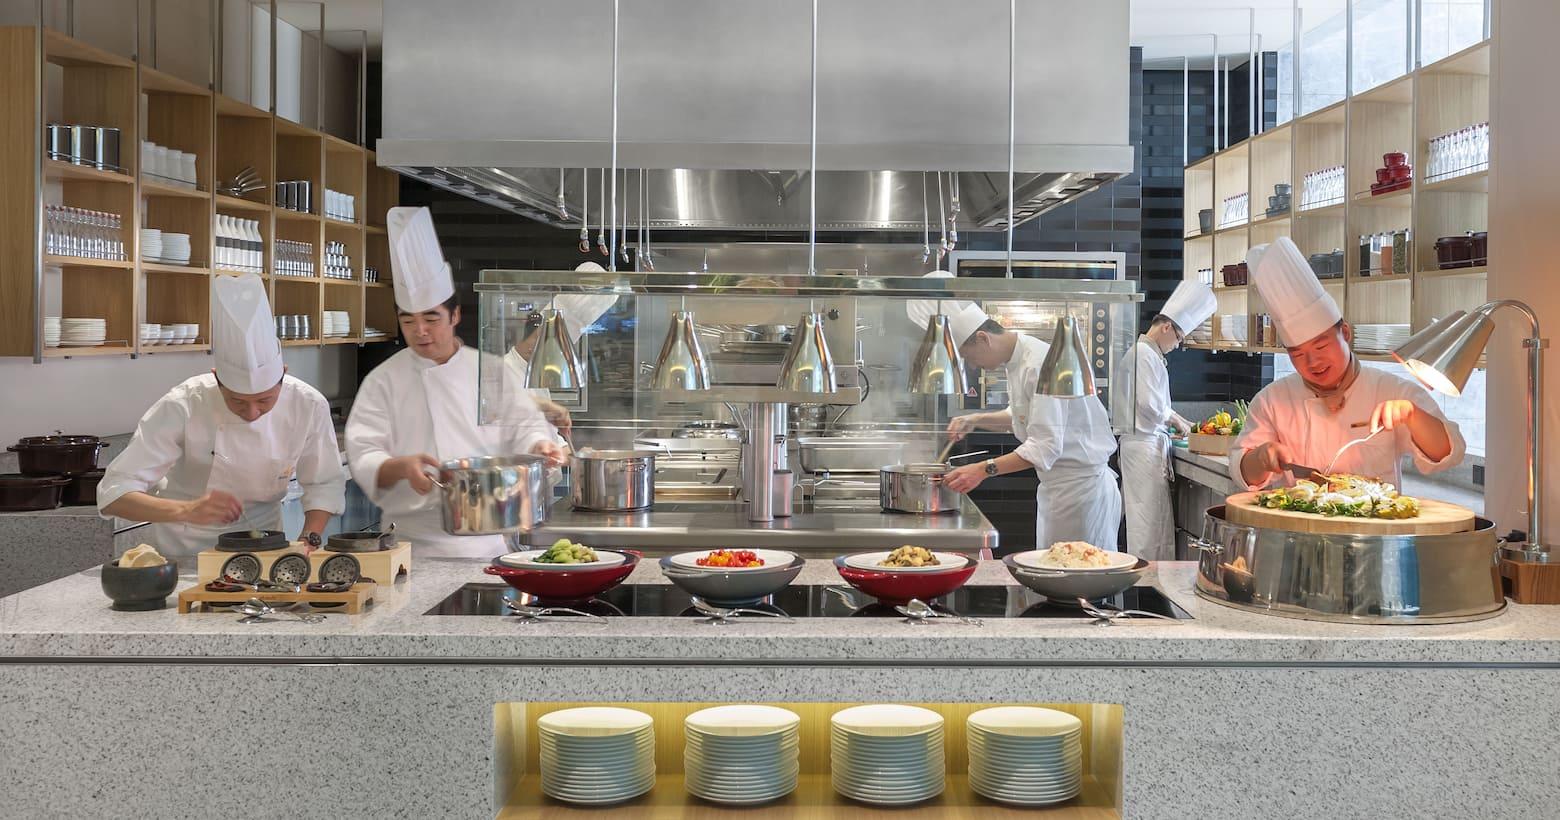 文华厨房的开放式厨房